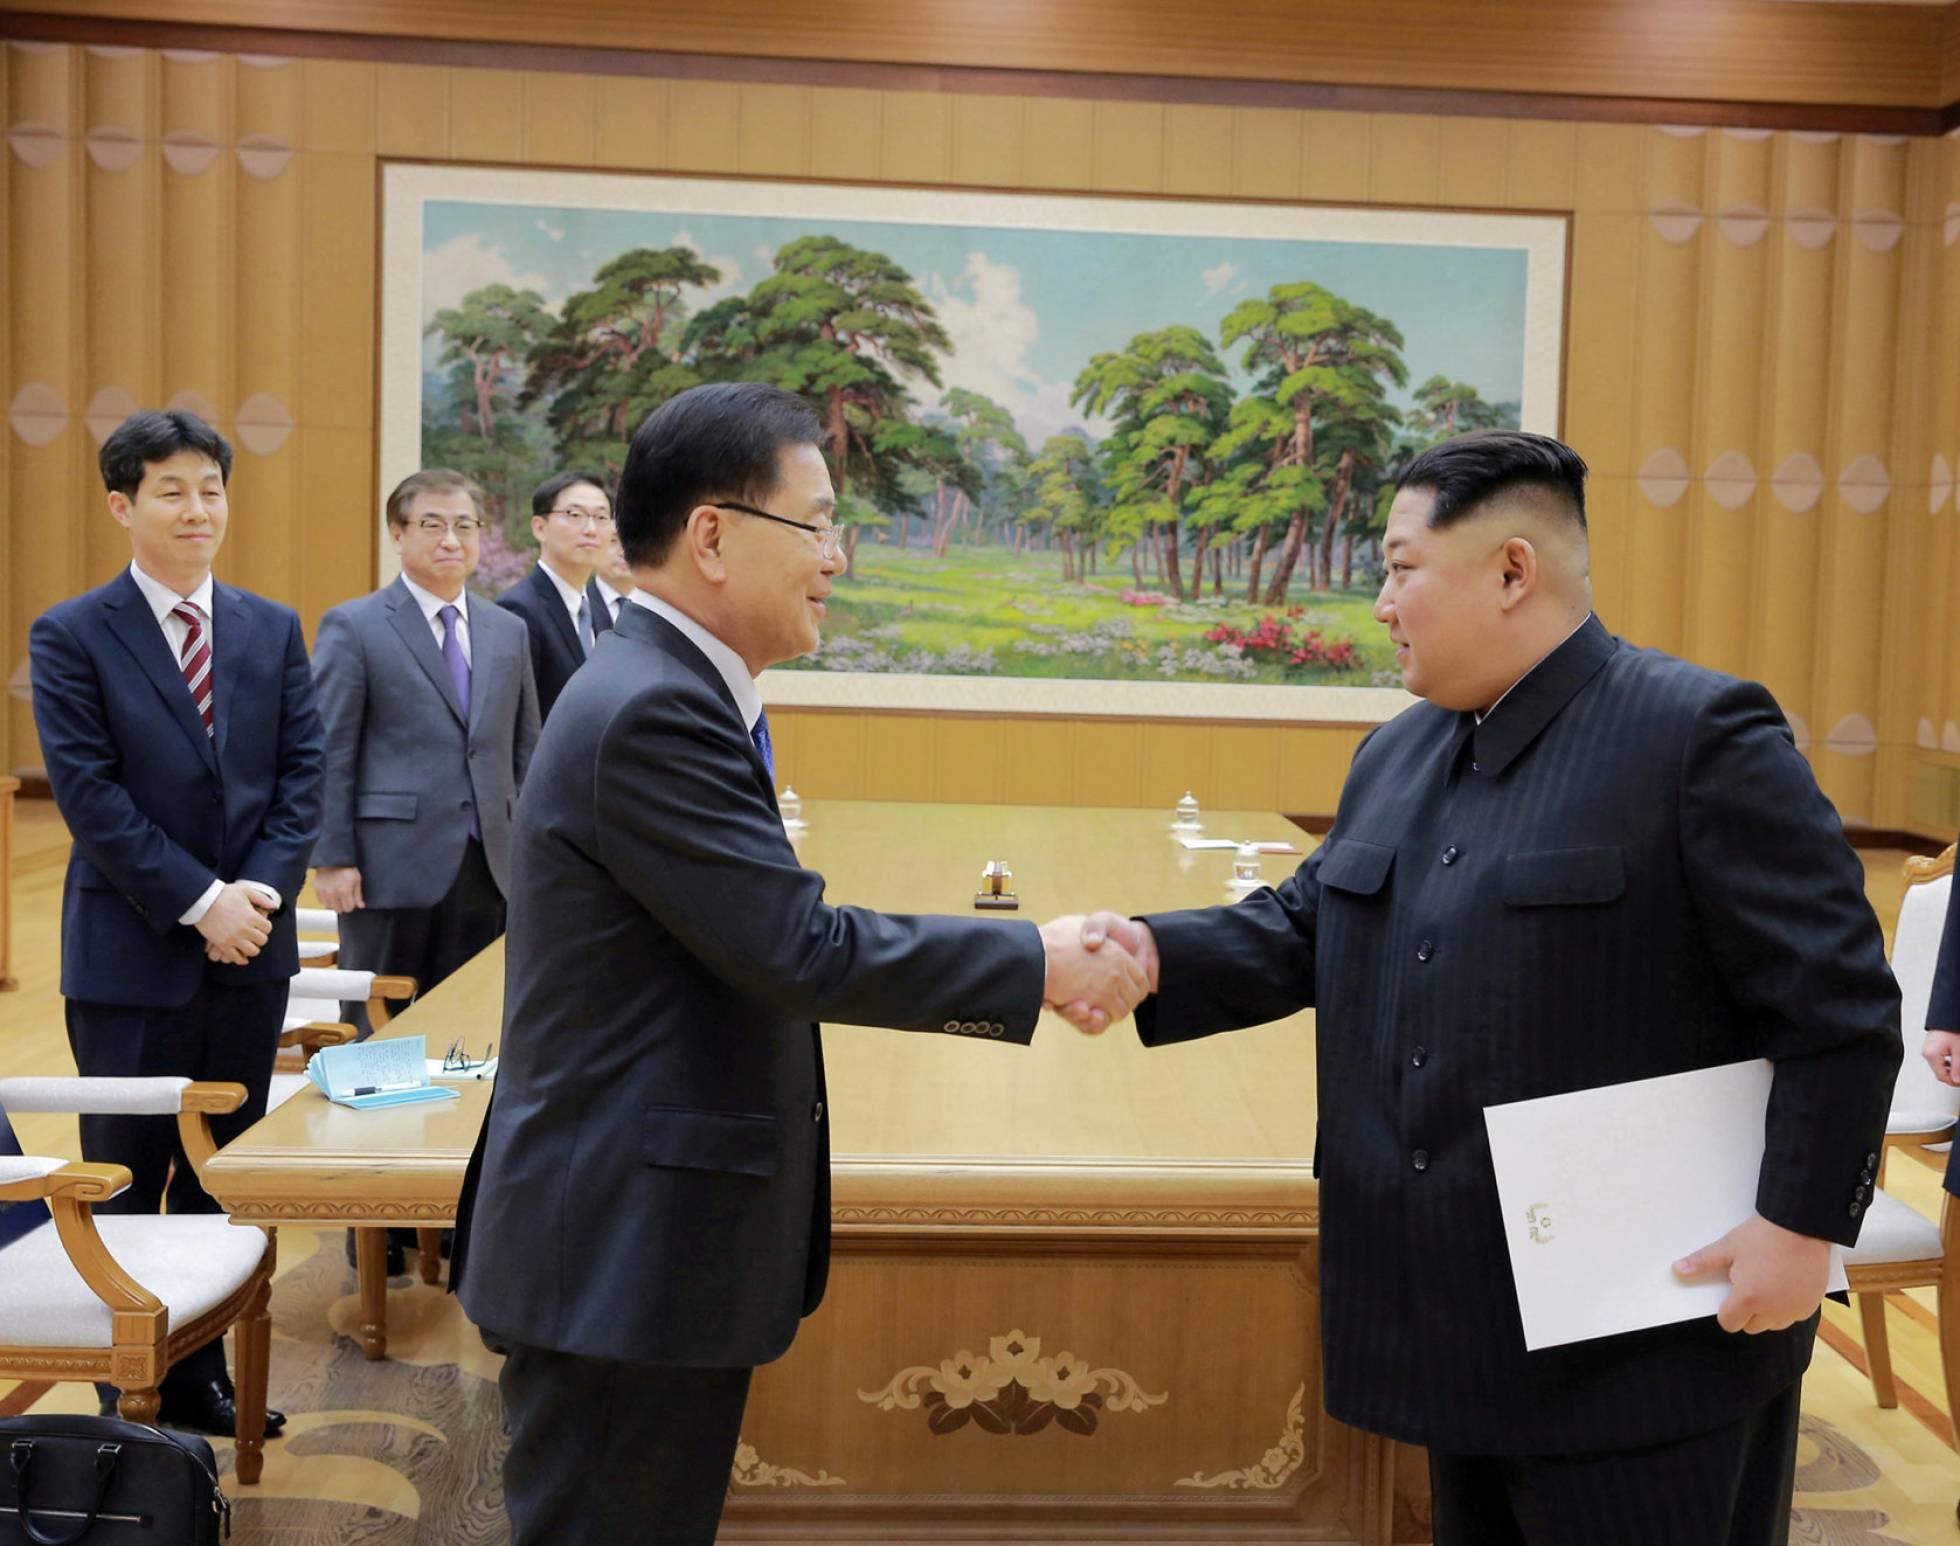 guerra - Corea Del Norte...¿La guerra se acerca? - Página 29 1520552645_644417_1520553141_noticia_normal_recorte1